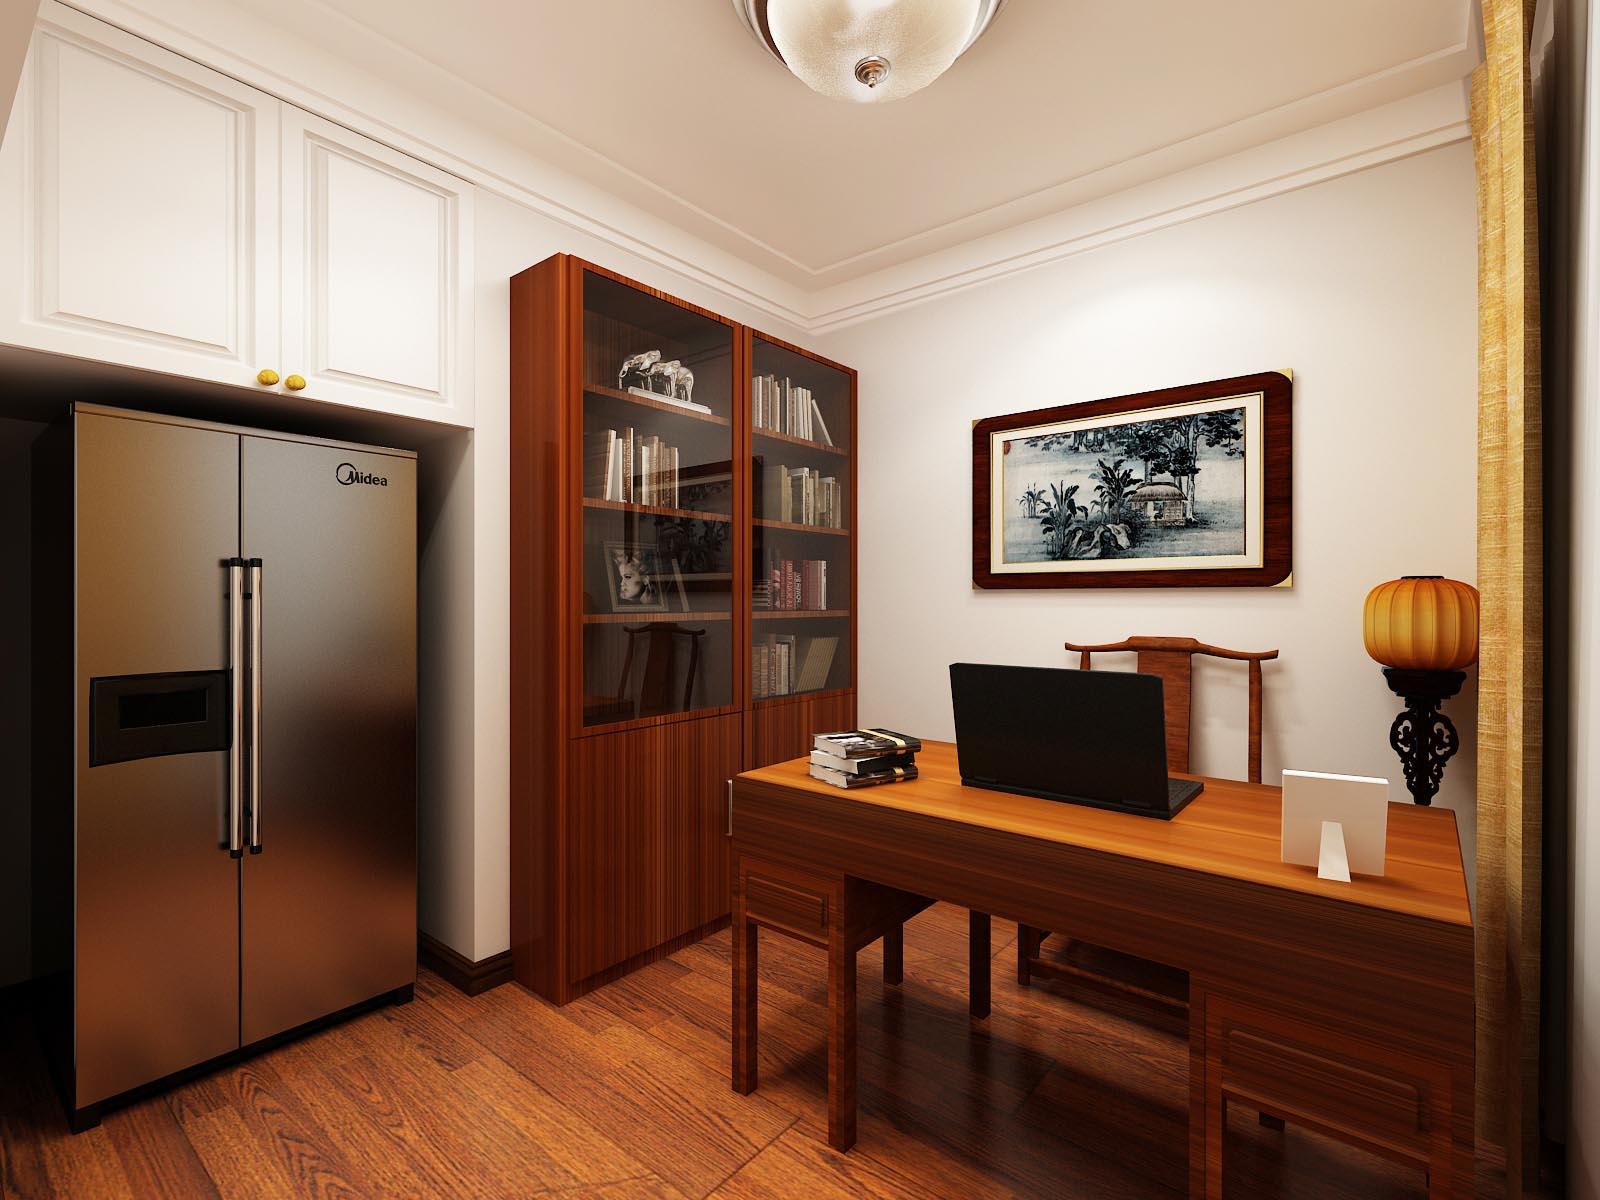 本案设计风格为新中式风格,业主喜欢并购买的南洋胡氏的实木家具,但是业主不太喜欢中式的木格木线之类的东西,设计色彩及后期配饰要求比较素净,雅致。